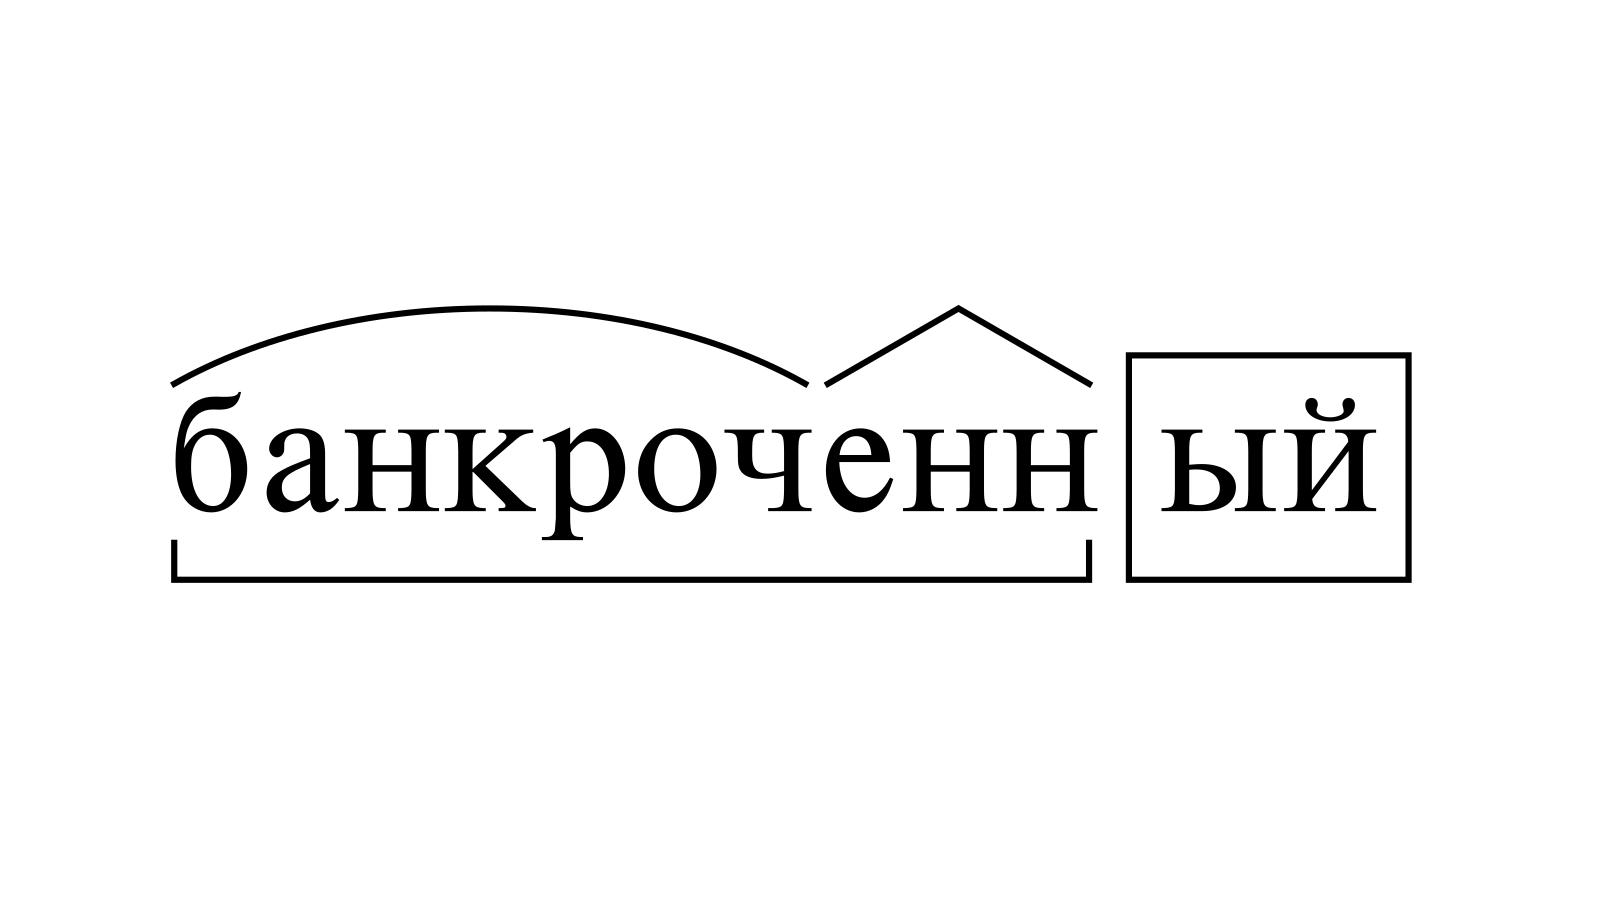 Разбор слова «банкроченный» по составу